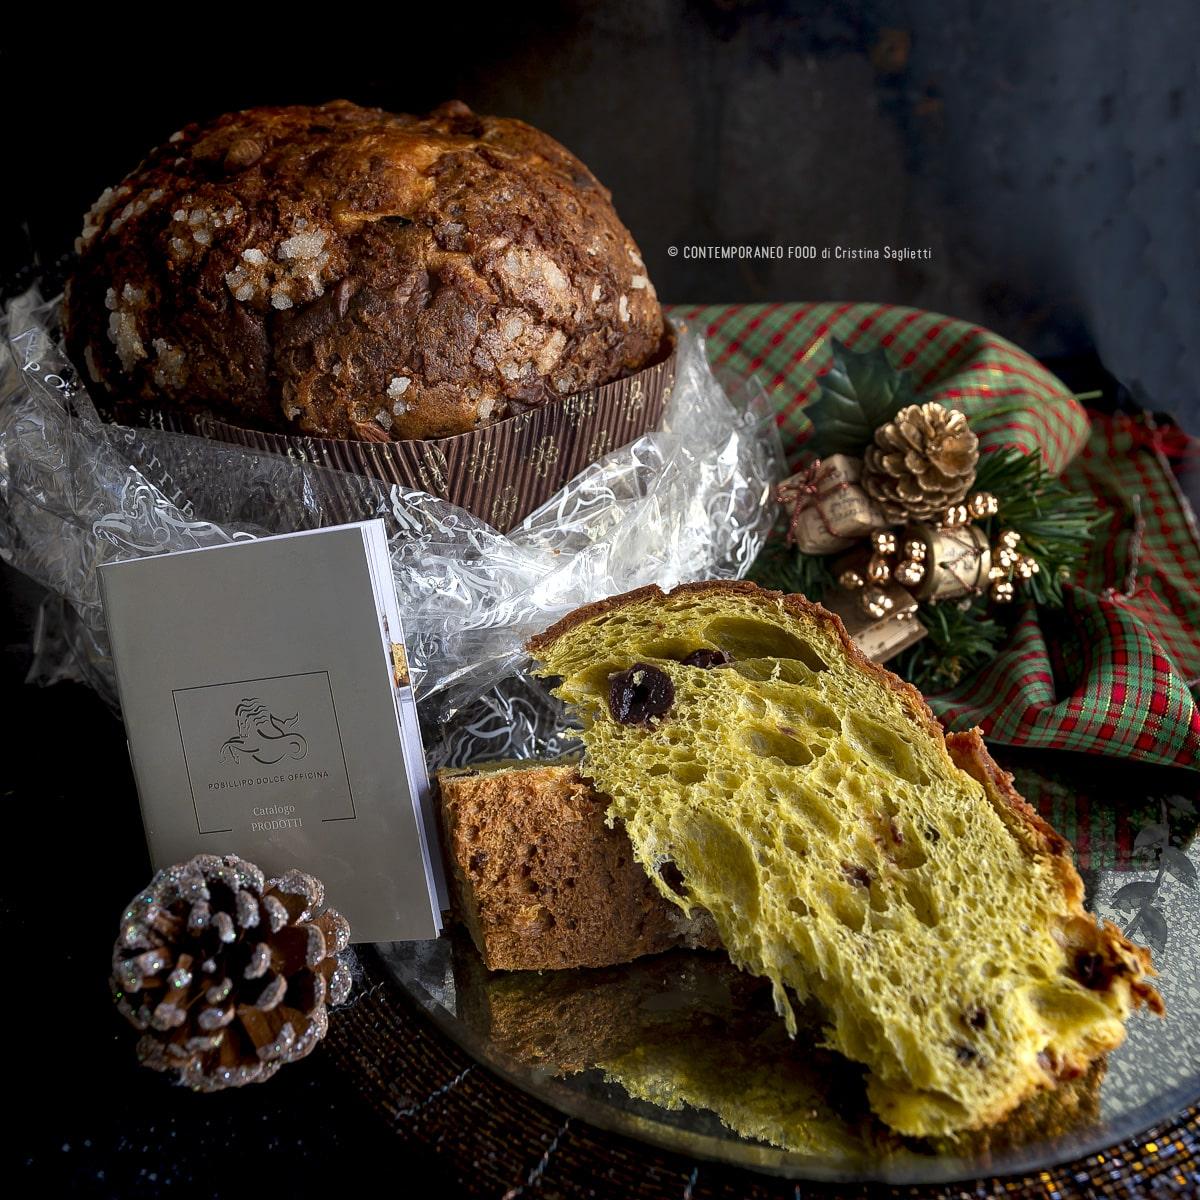 panettoni-posillipo-contemporaneo-food-1